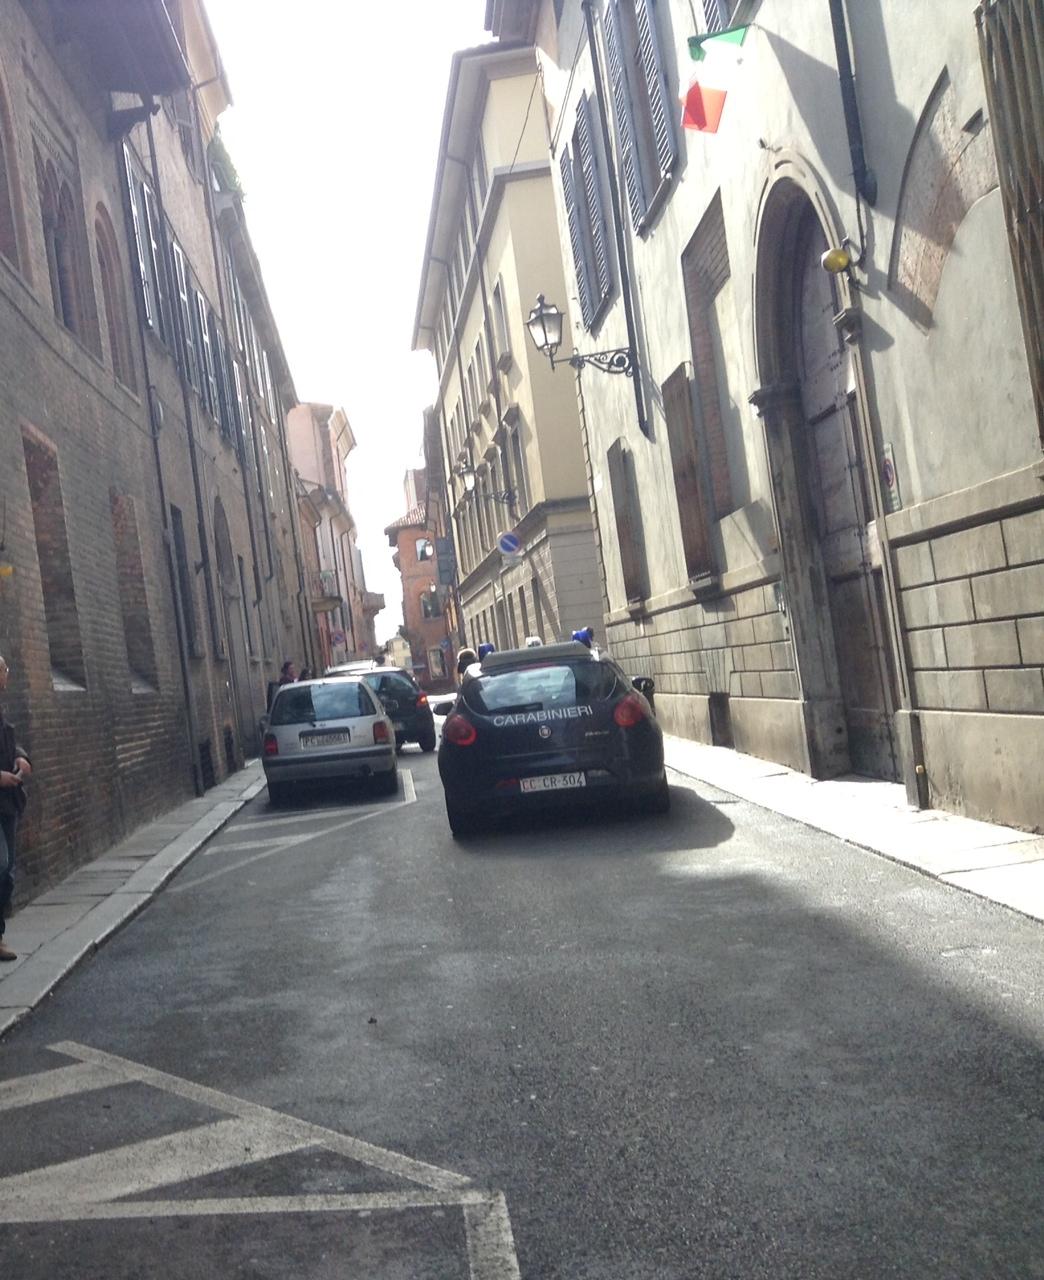 Rapinato in via San Marco: fucile puntato contro la governante